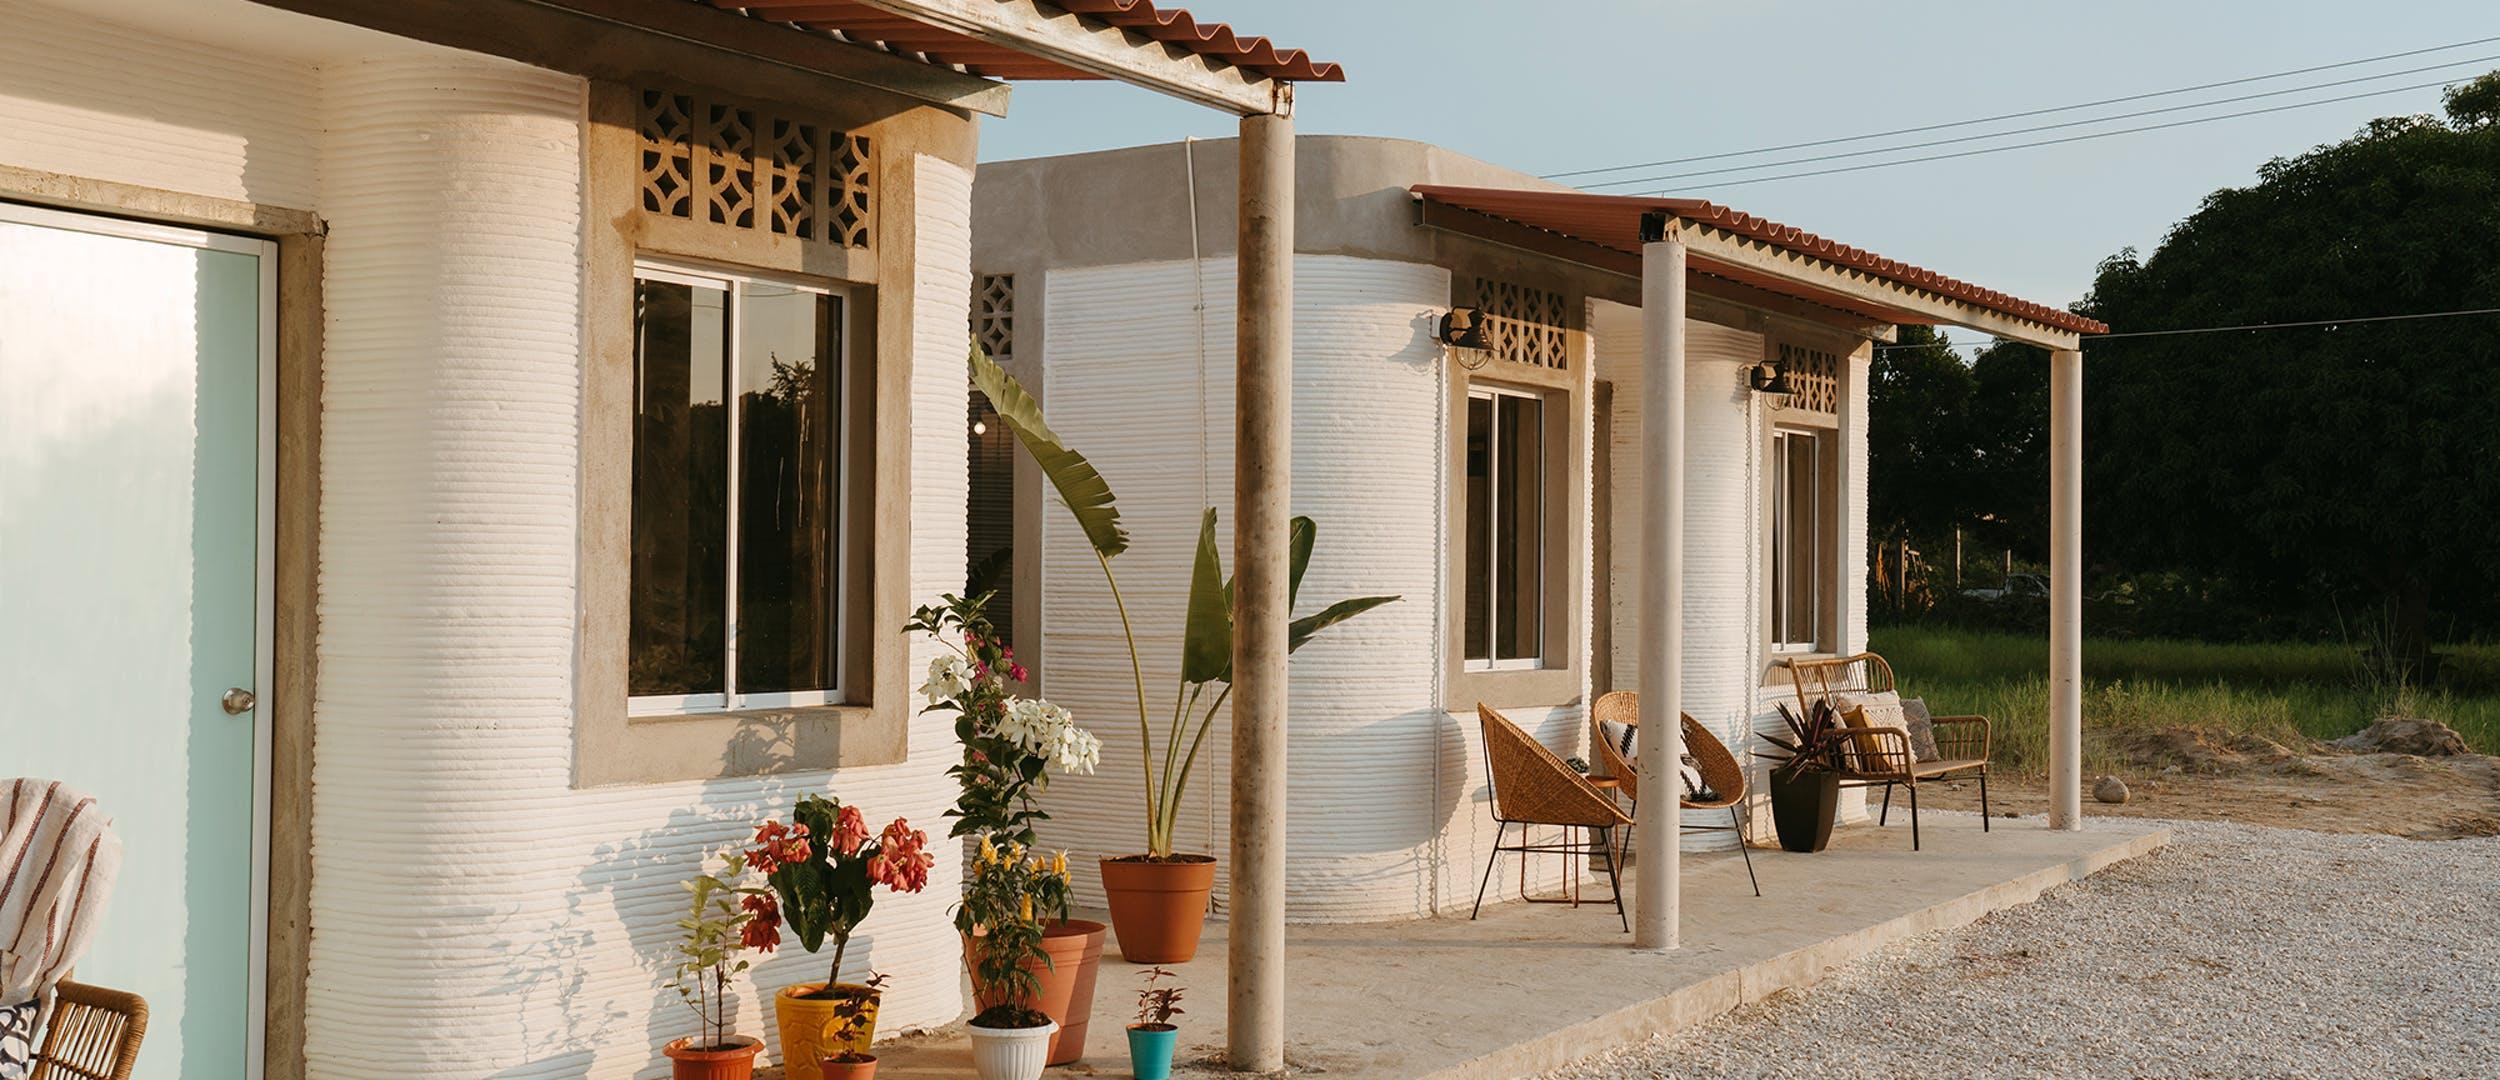 ICONがメキシコで低所得者用3Dプリント住宅を建設